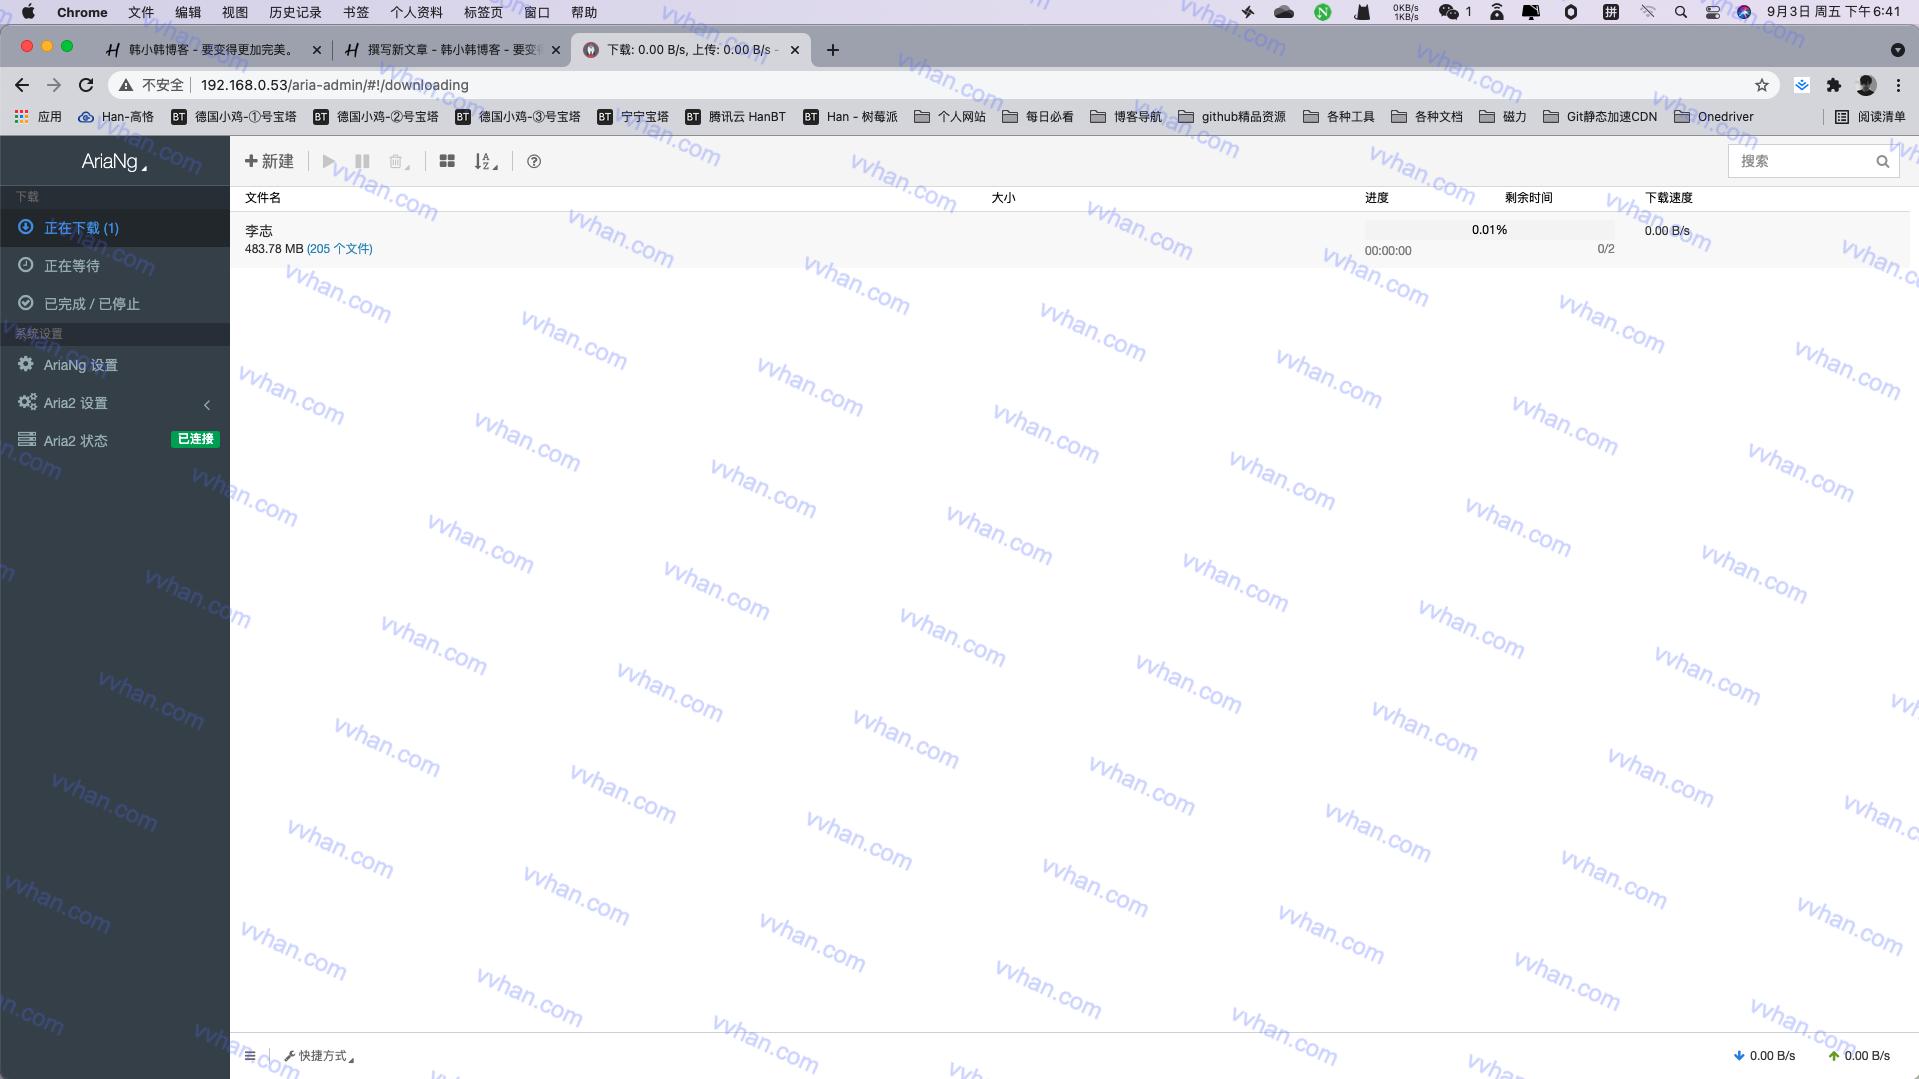 安装Aria2的web管理界面(AriaNg)